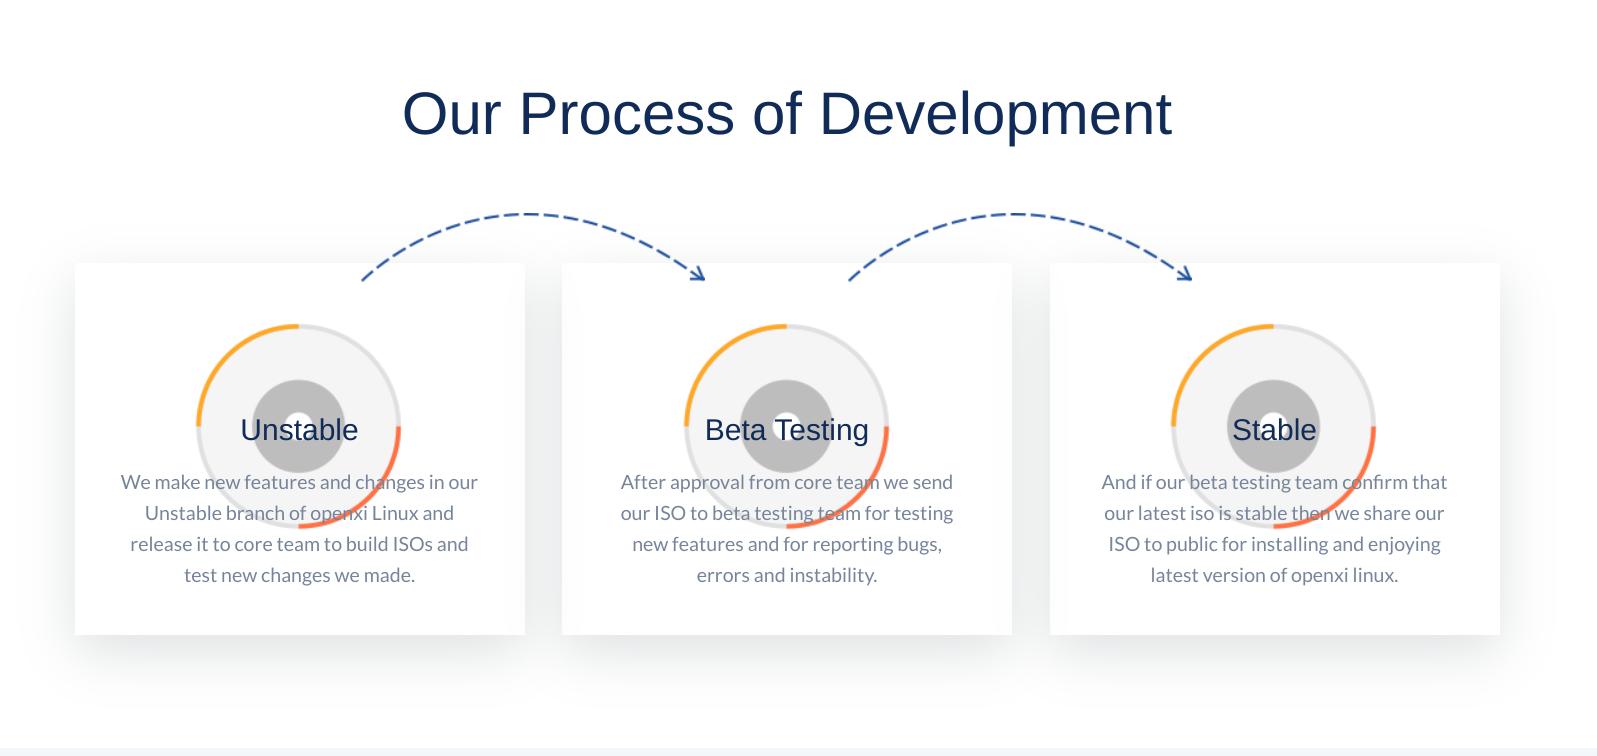 openxi-linux-development